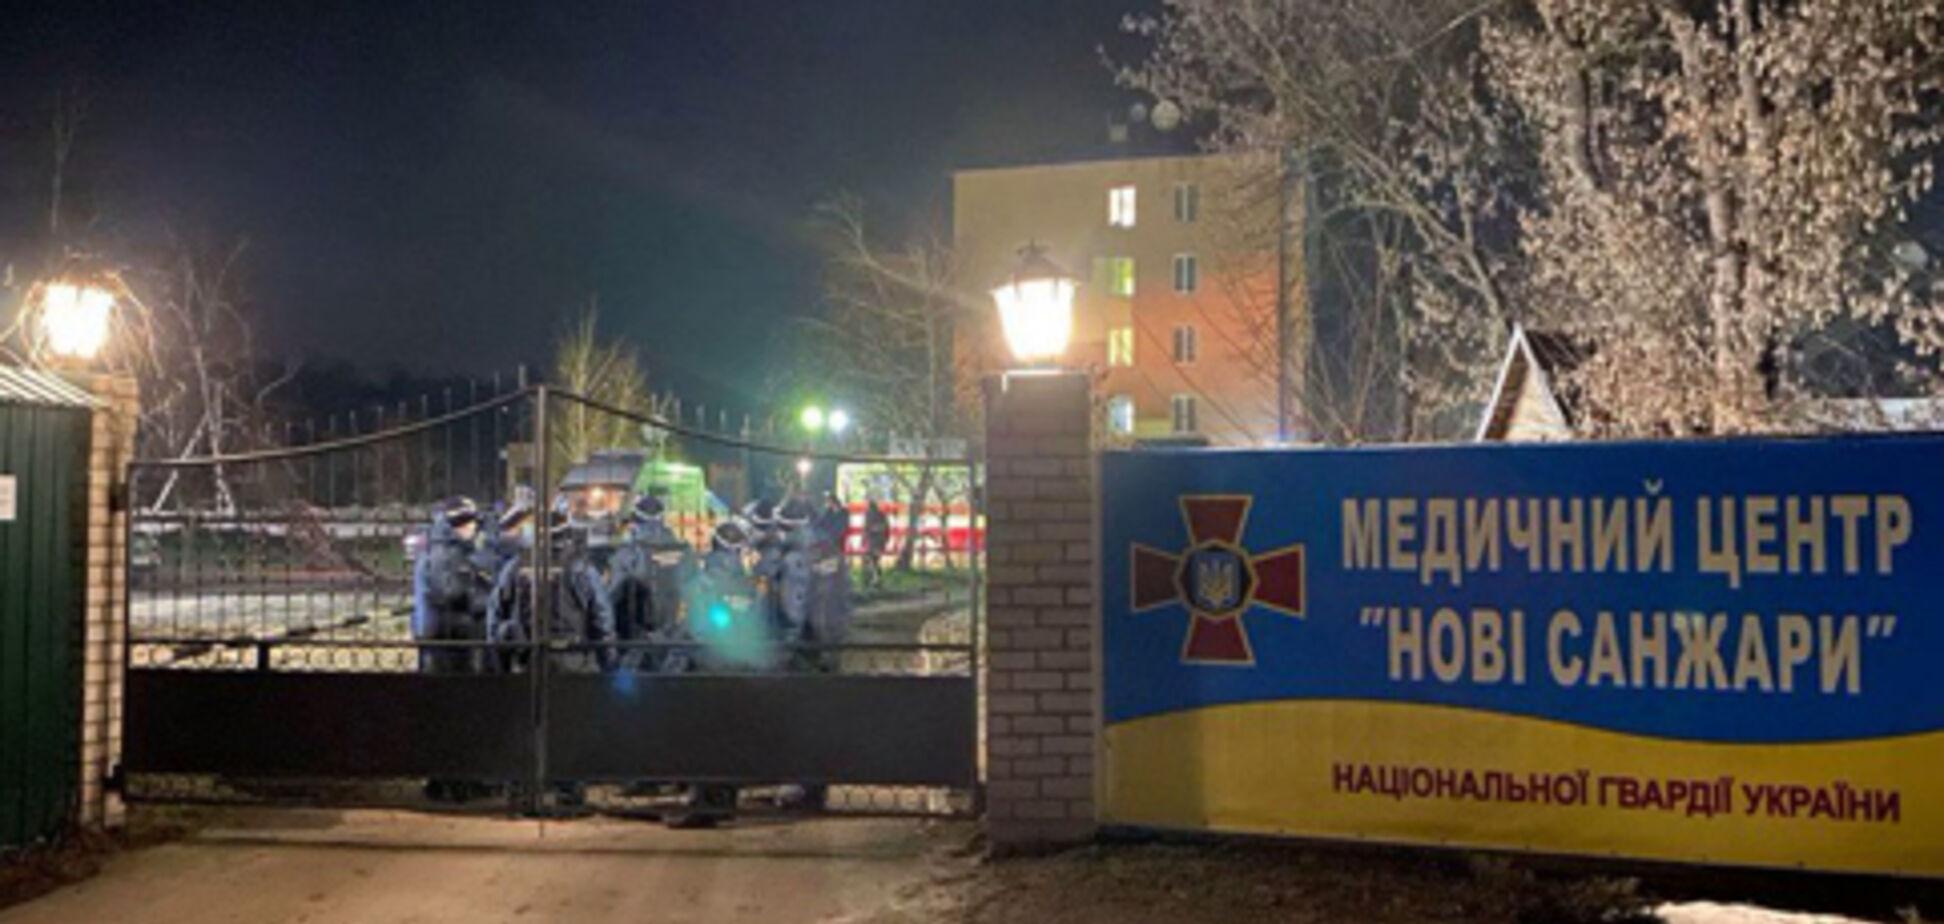 Вже не вийдуть: у МВС пригрозили тим, хто прорветься у санаторій у Нових Санжарах